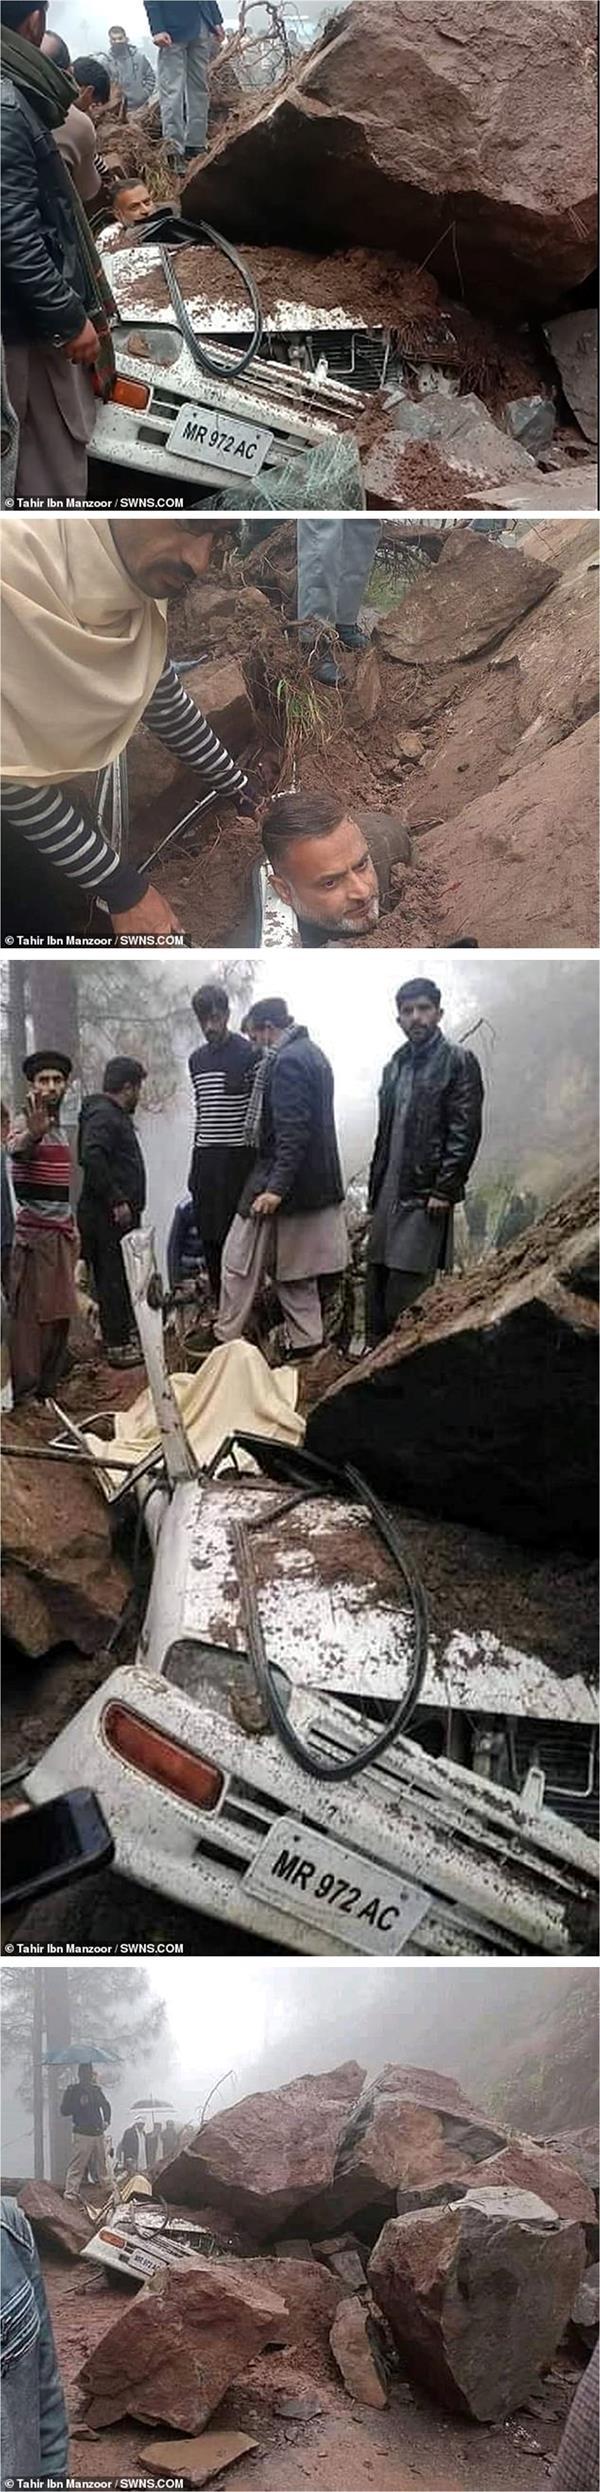 باكستاني ينجو من سقوط صخرة وزنها طن على سيارته مما أدى إلى تحطيمها بالكامل